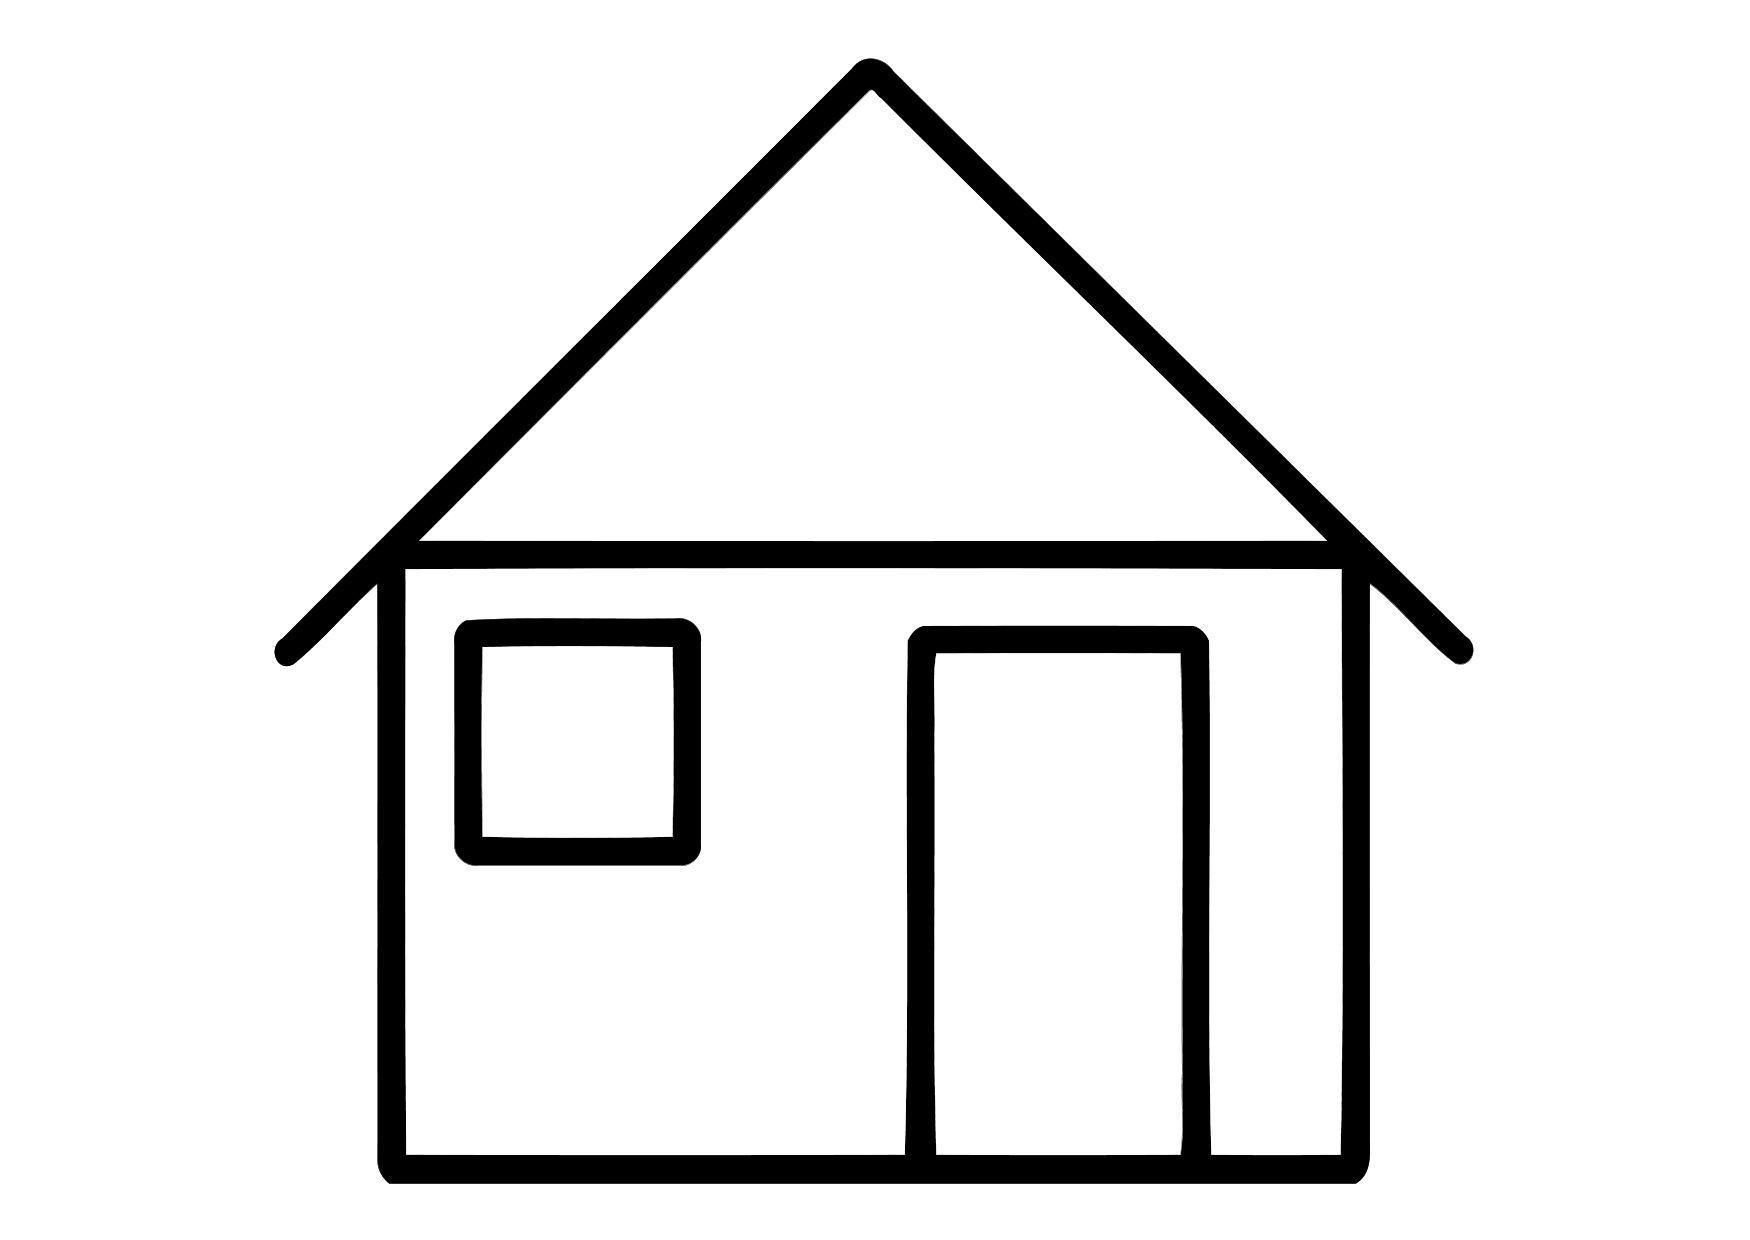 Dibujo para colorear casa img 11324 for Pintar en casa